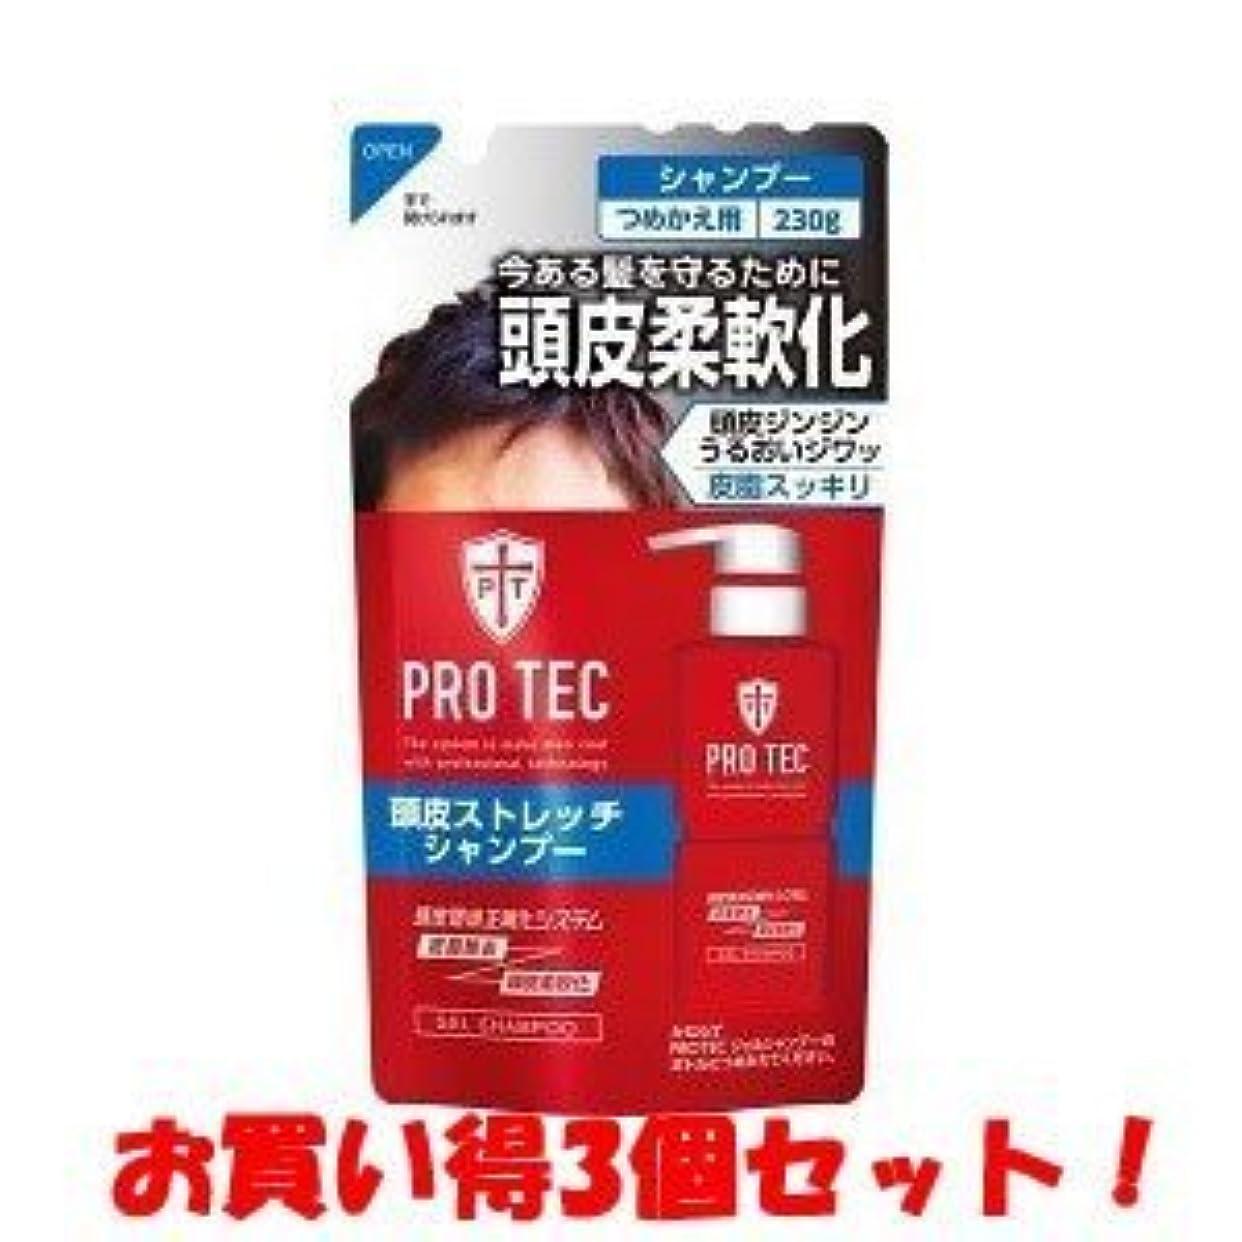 性交悲劇失礼な(ライオン)PRO TEC(プロテク) 頭皮ストレッチ シャンプー つめかえ用 230g(医薬部外品)(お買い得3個セット)